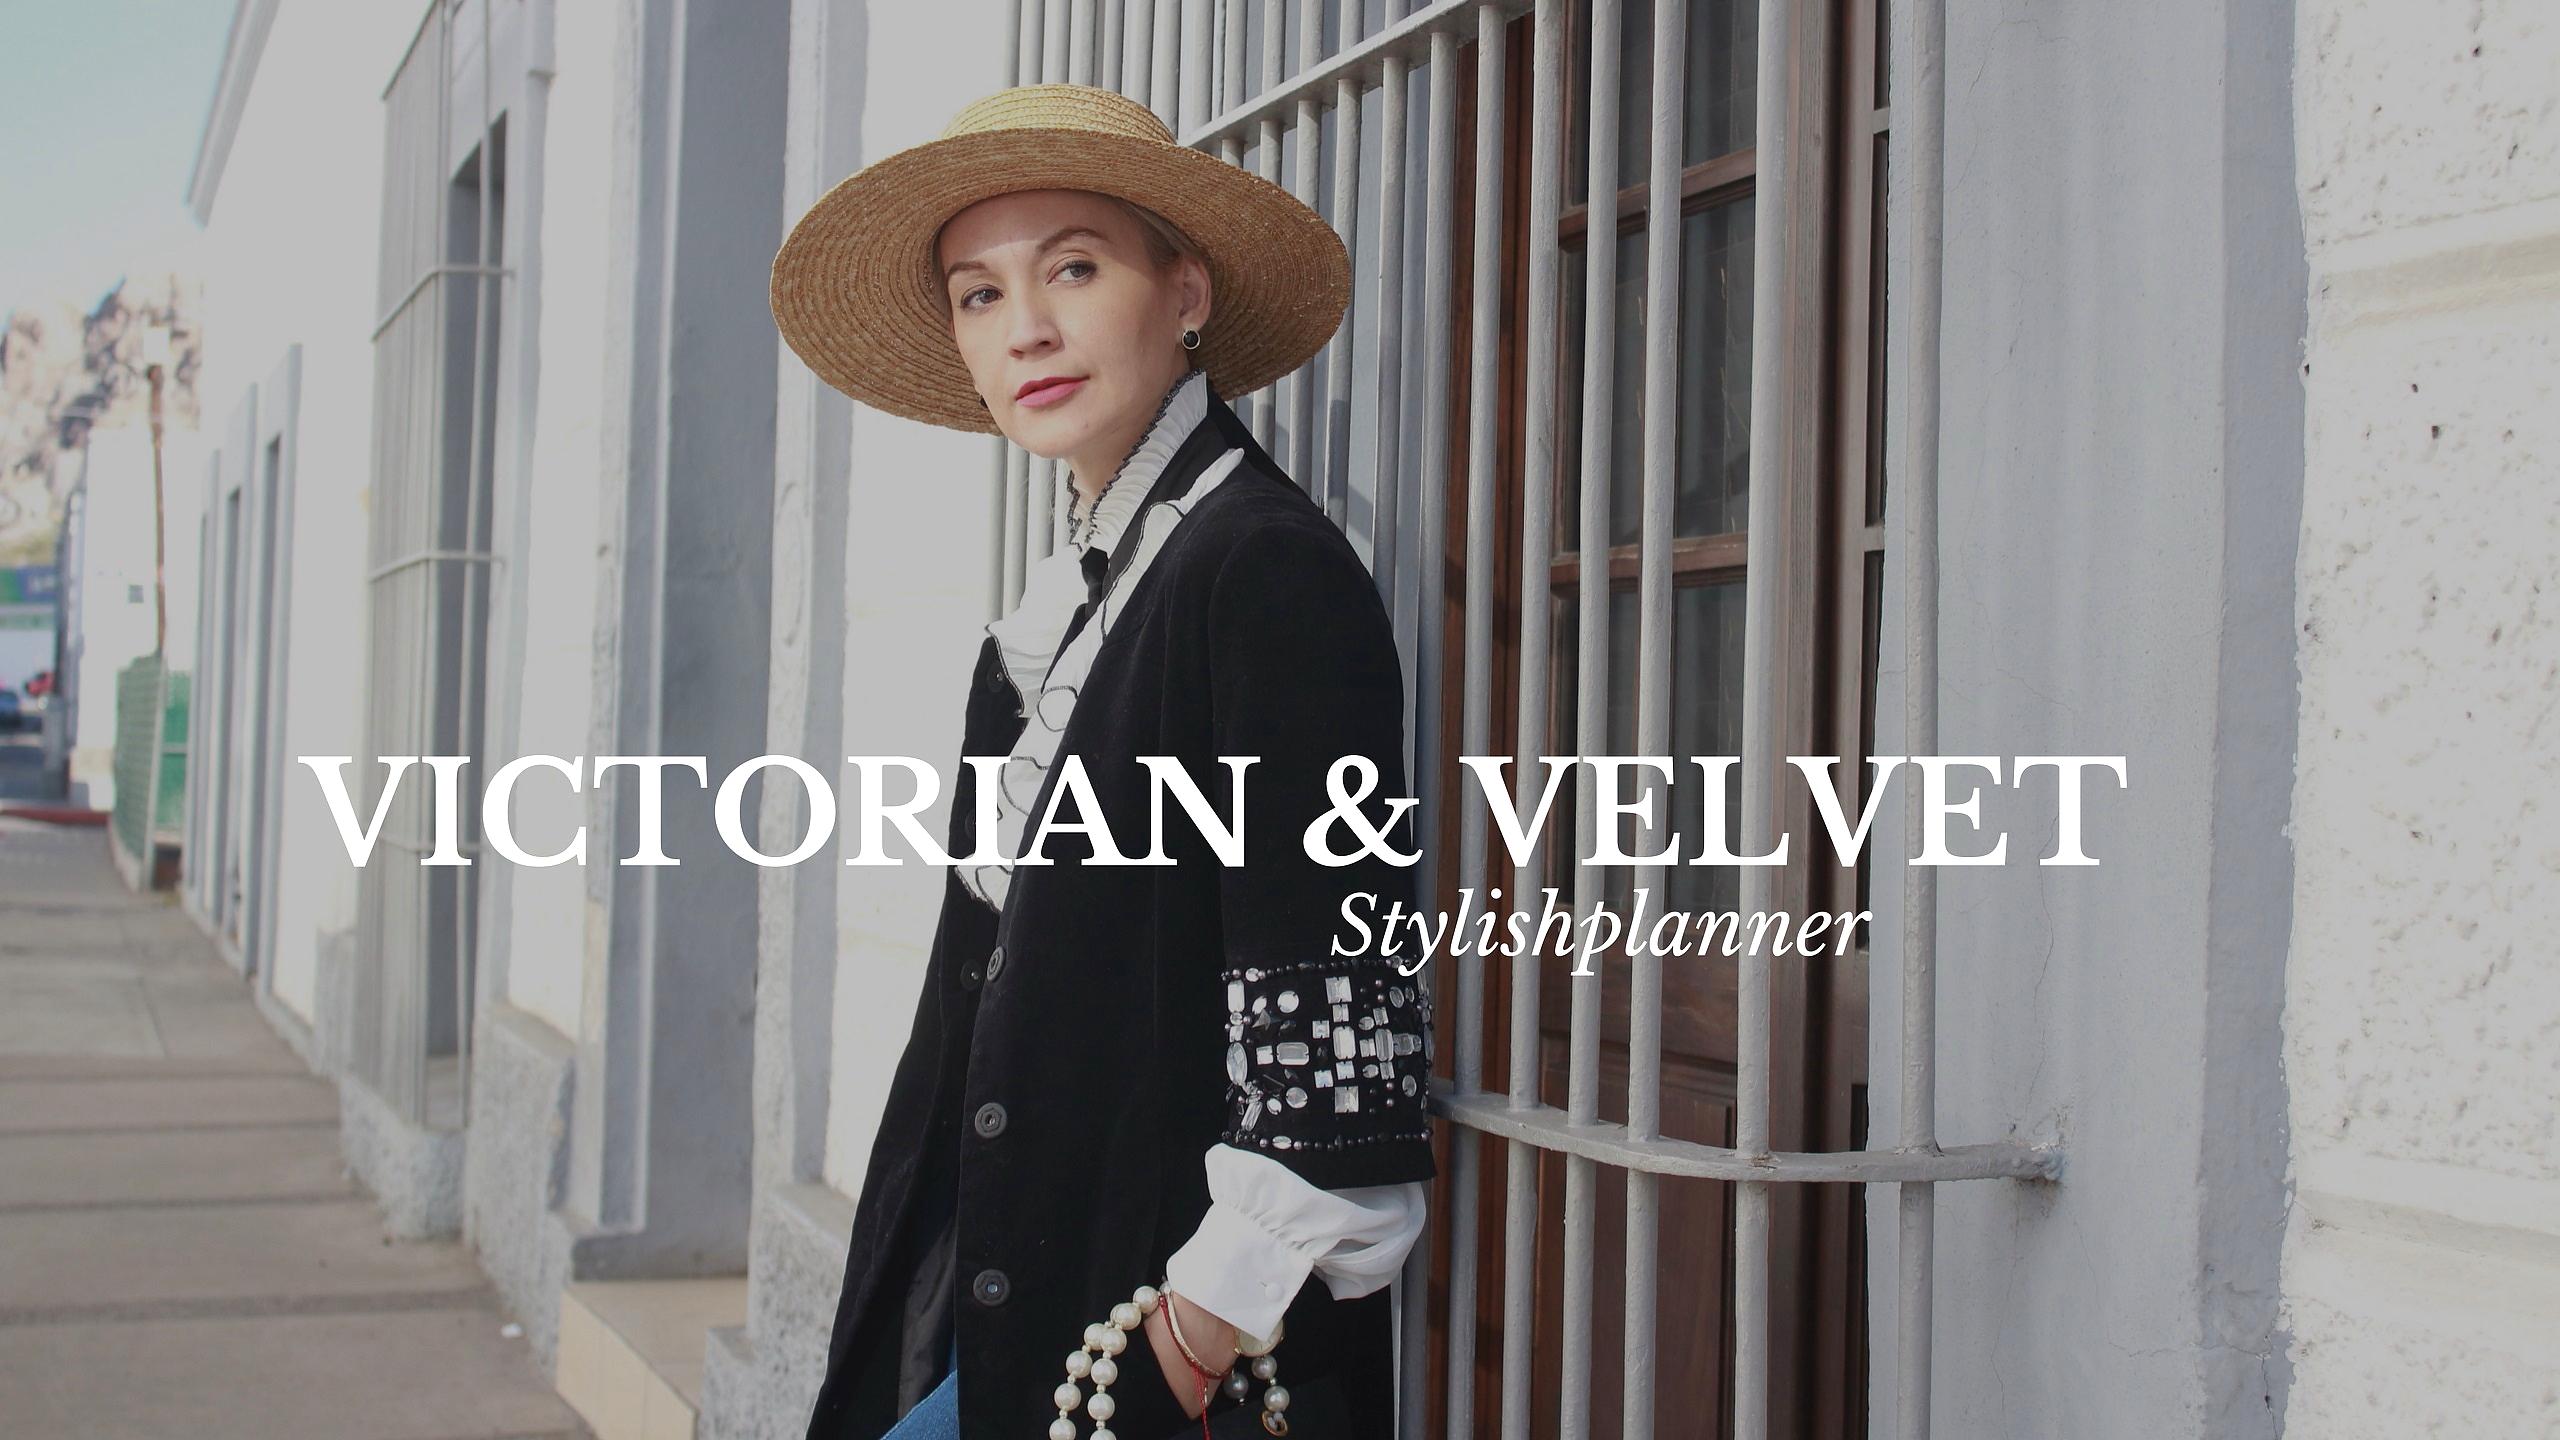 Victorian & velvet